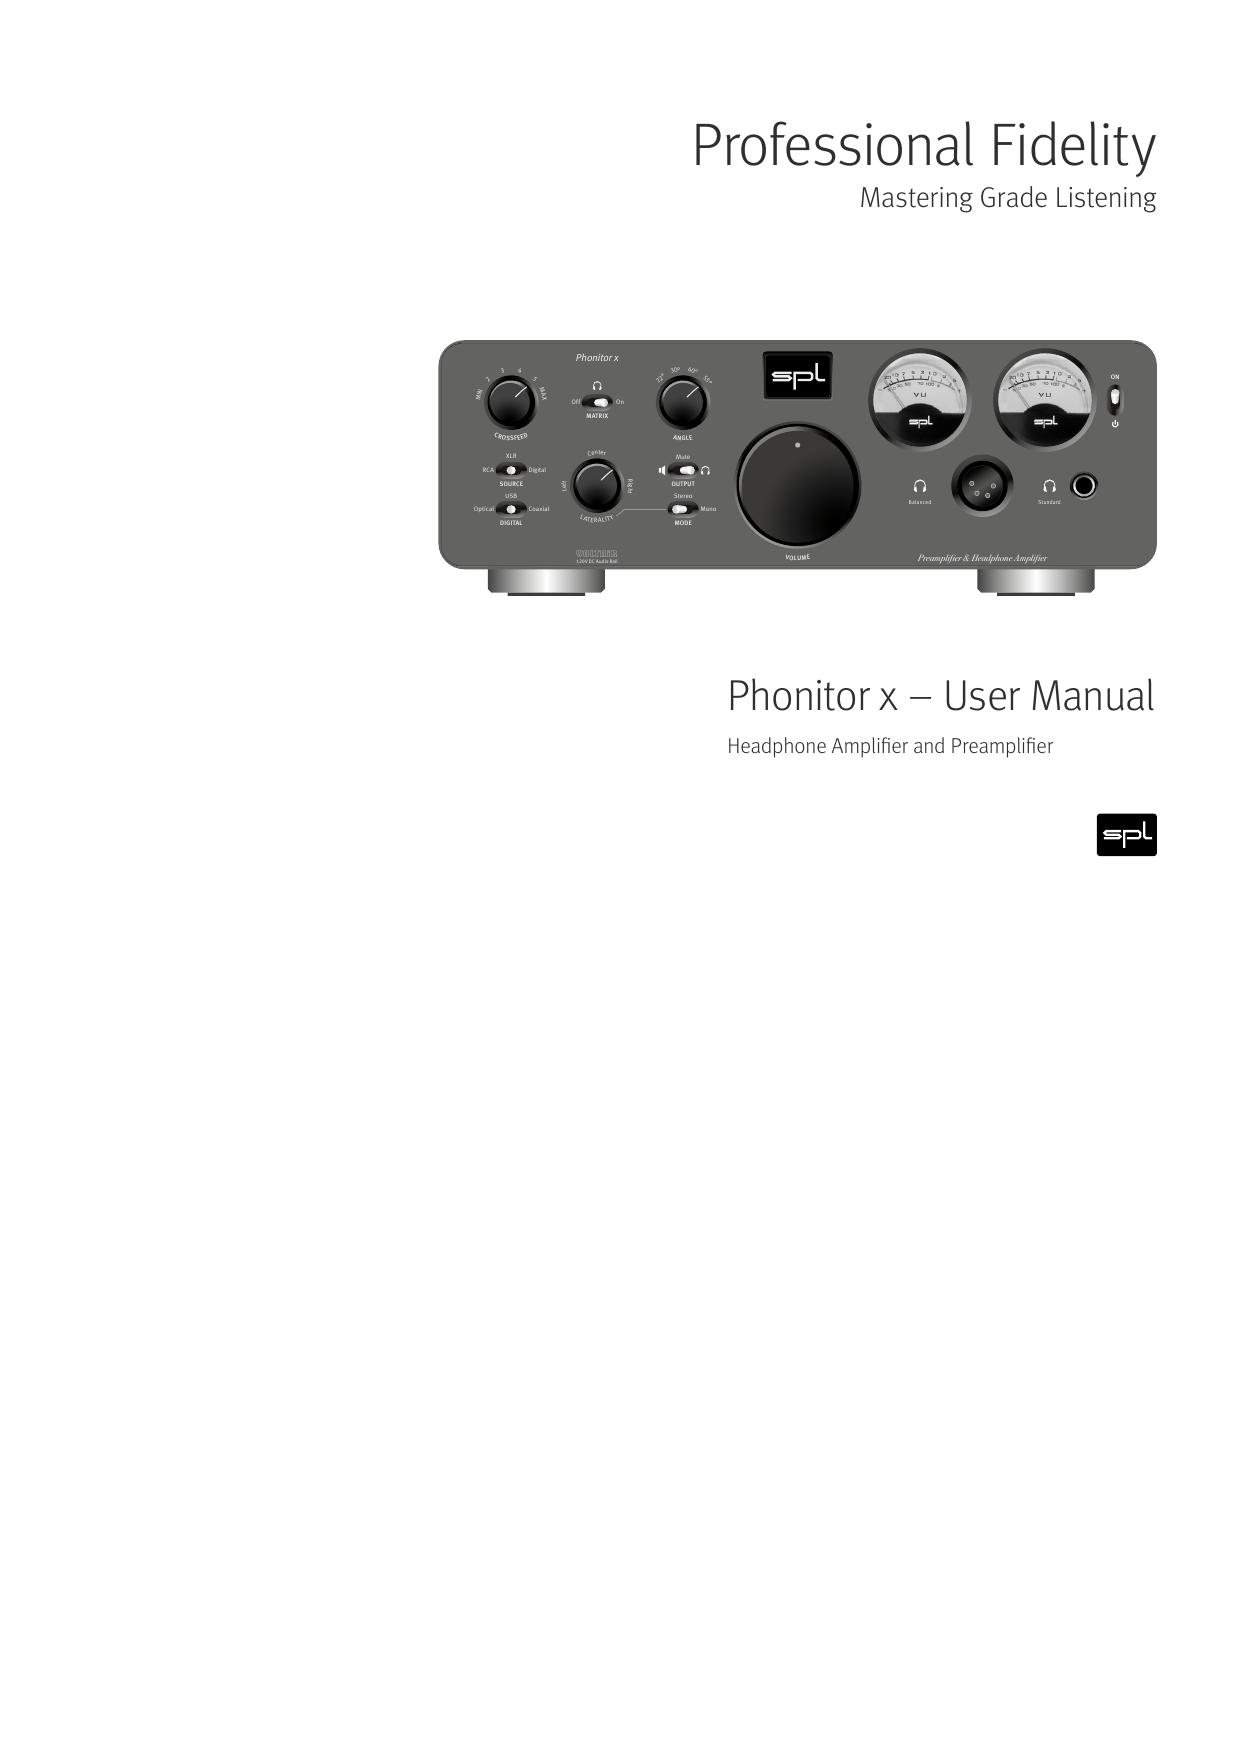 Professional Fidelity Headphone Amplifier Based Opa134pa